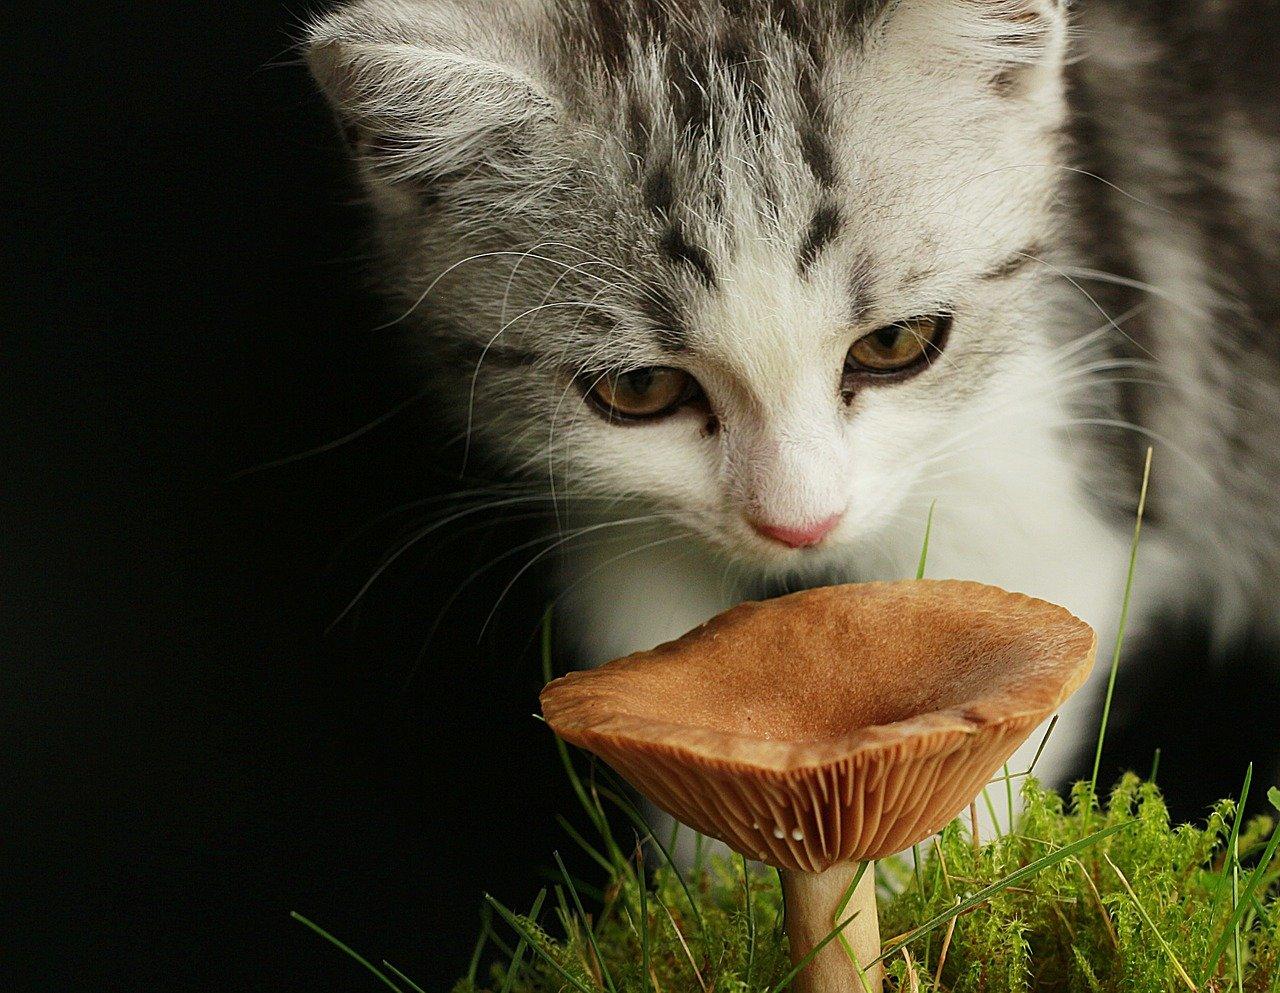 Junge Katze sitzt im Gras und schnuppert an einem Pilz